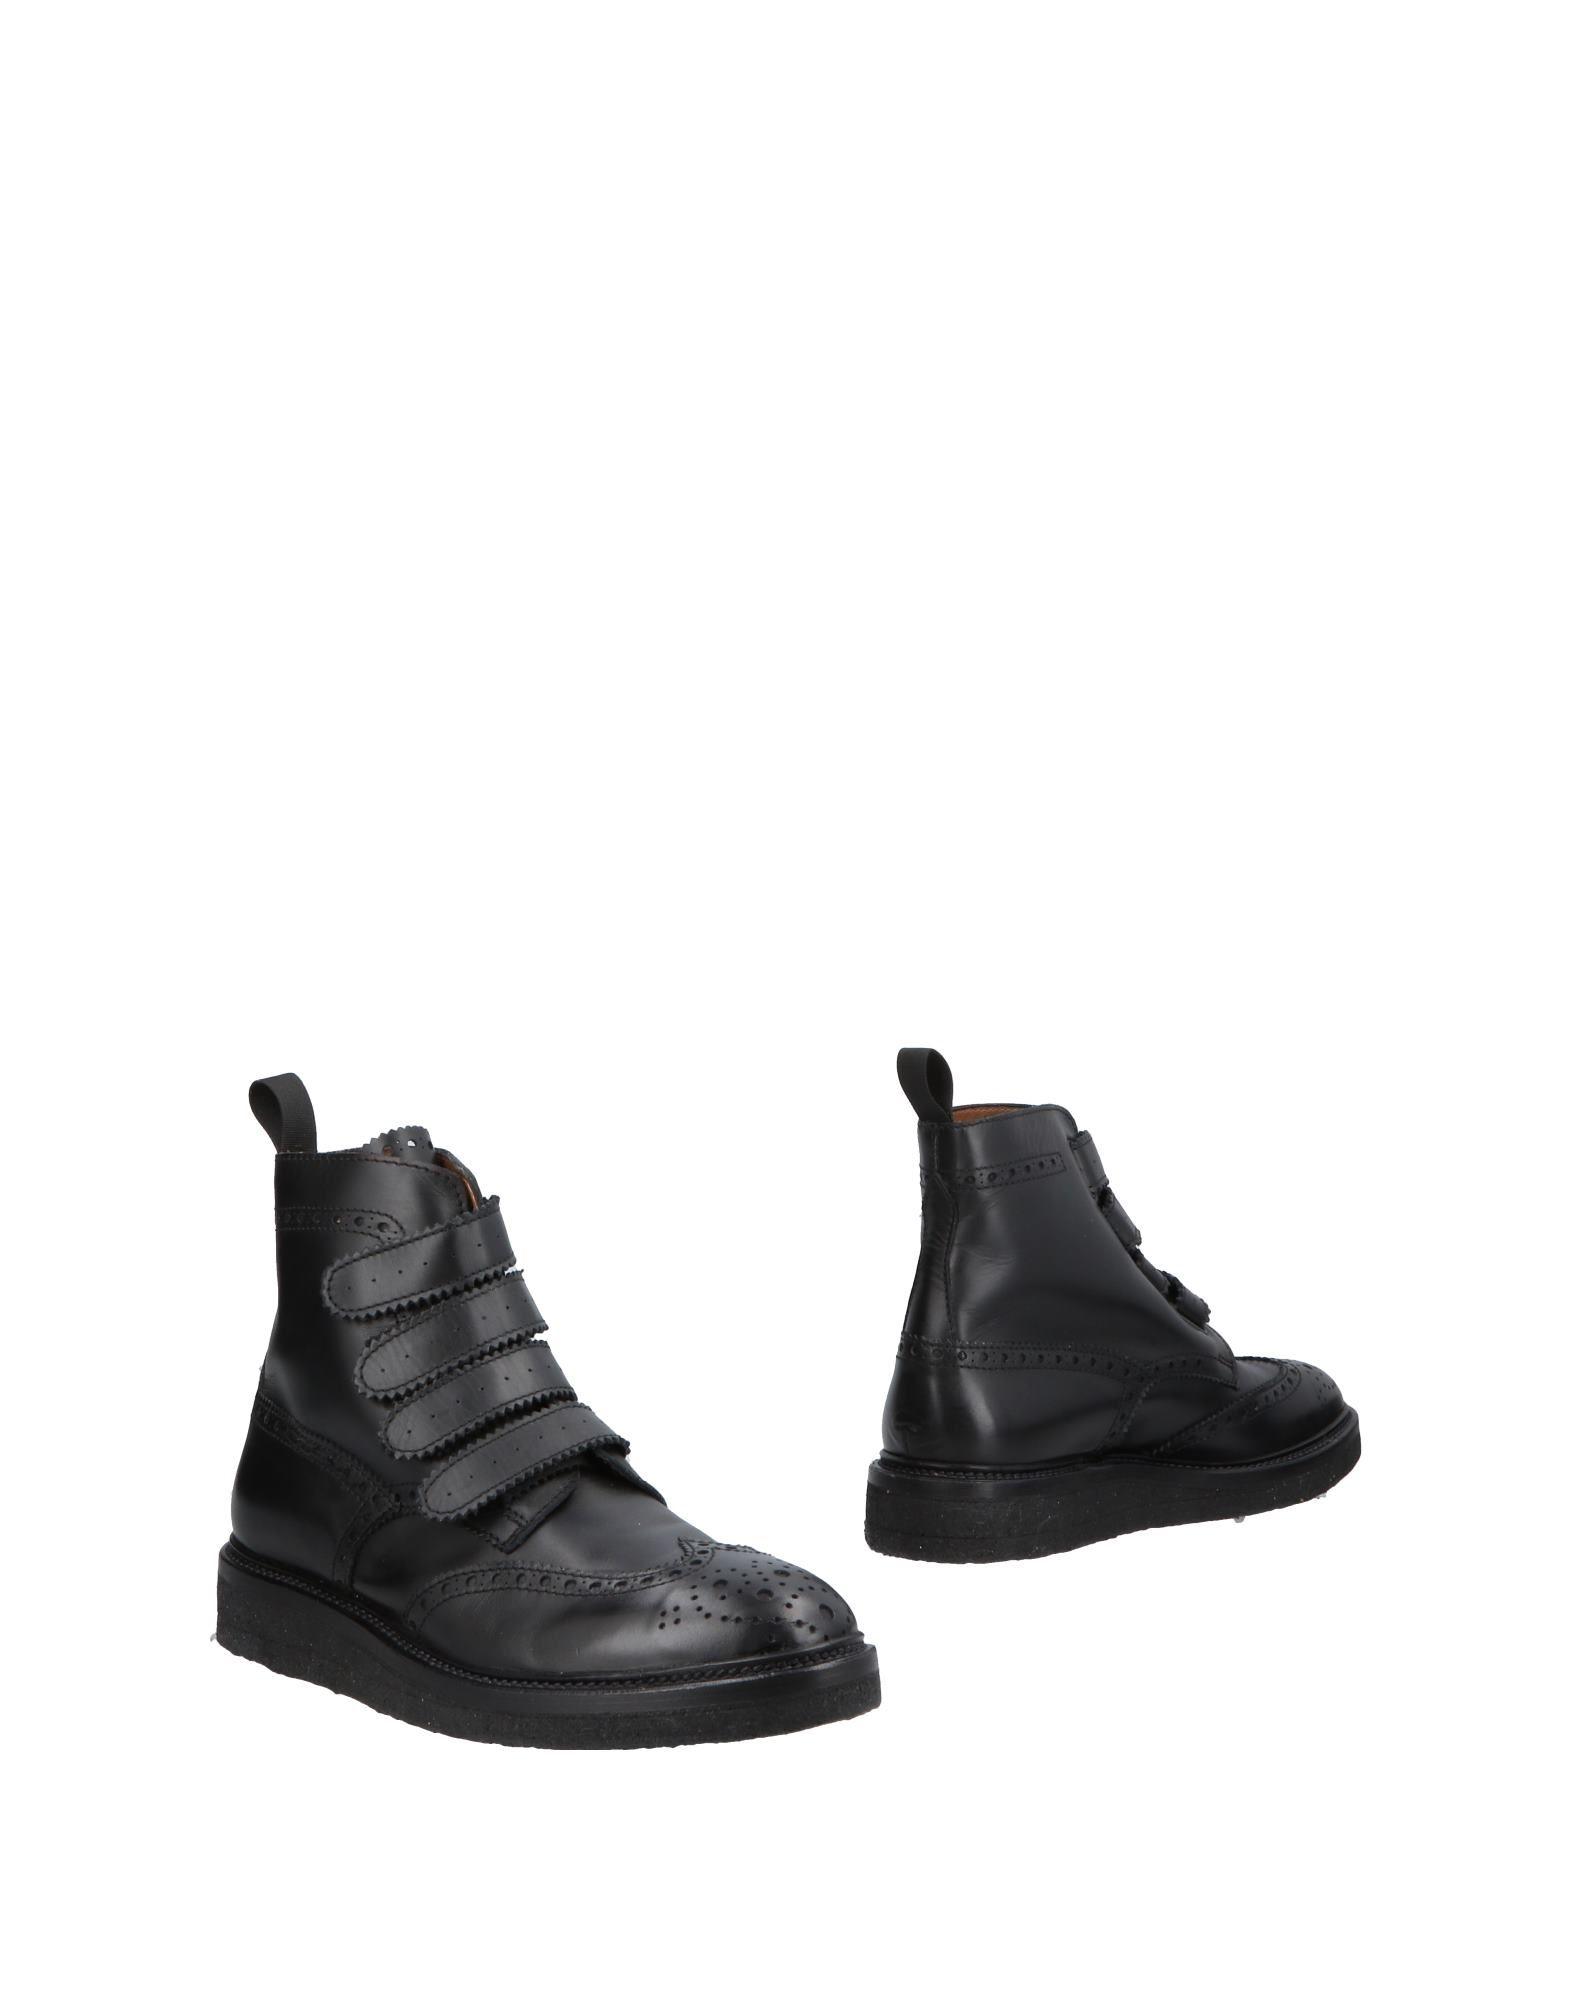 Whf Weber Hodel Feder Stiefelette Herren beliebte  11501396AD Gute Qualität beliebte Herren Schuhe 33959b